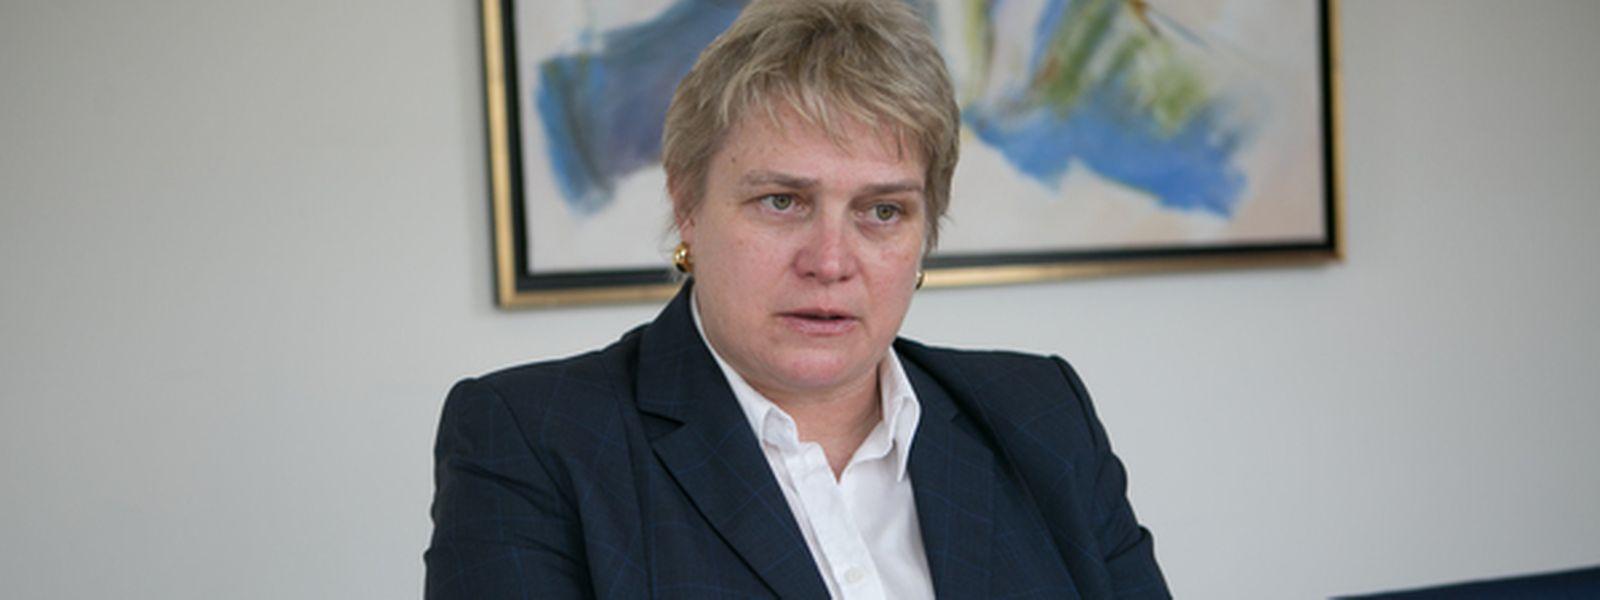 Postdirektorin Hjoerdis Stahl möchte in diesem Jahr das logistische Netz für den Paketversand optimieren.